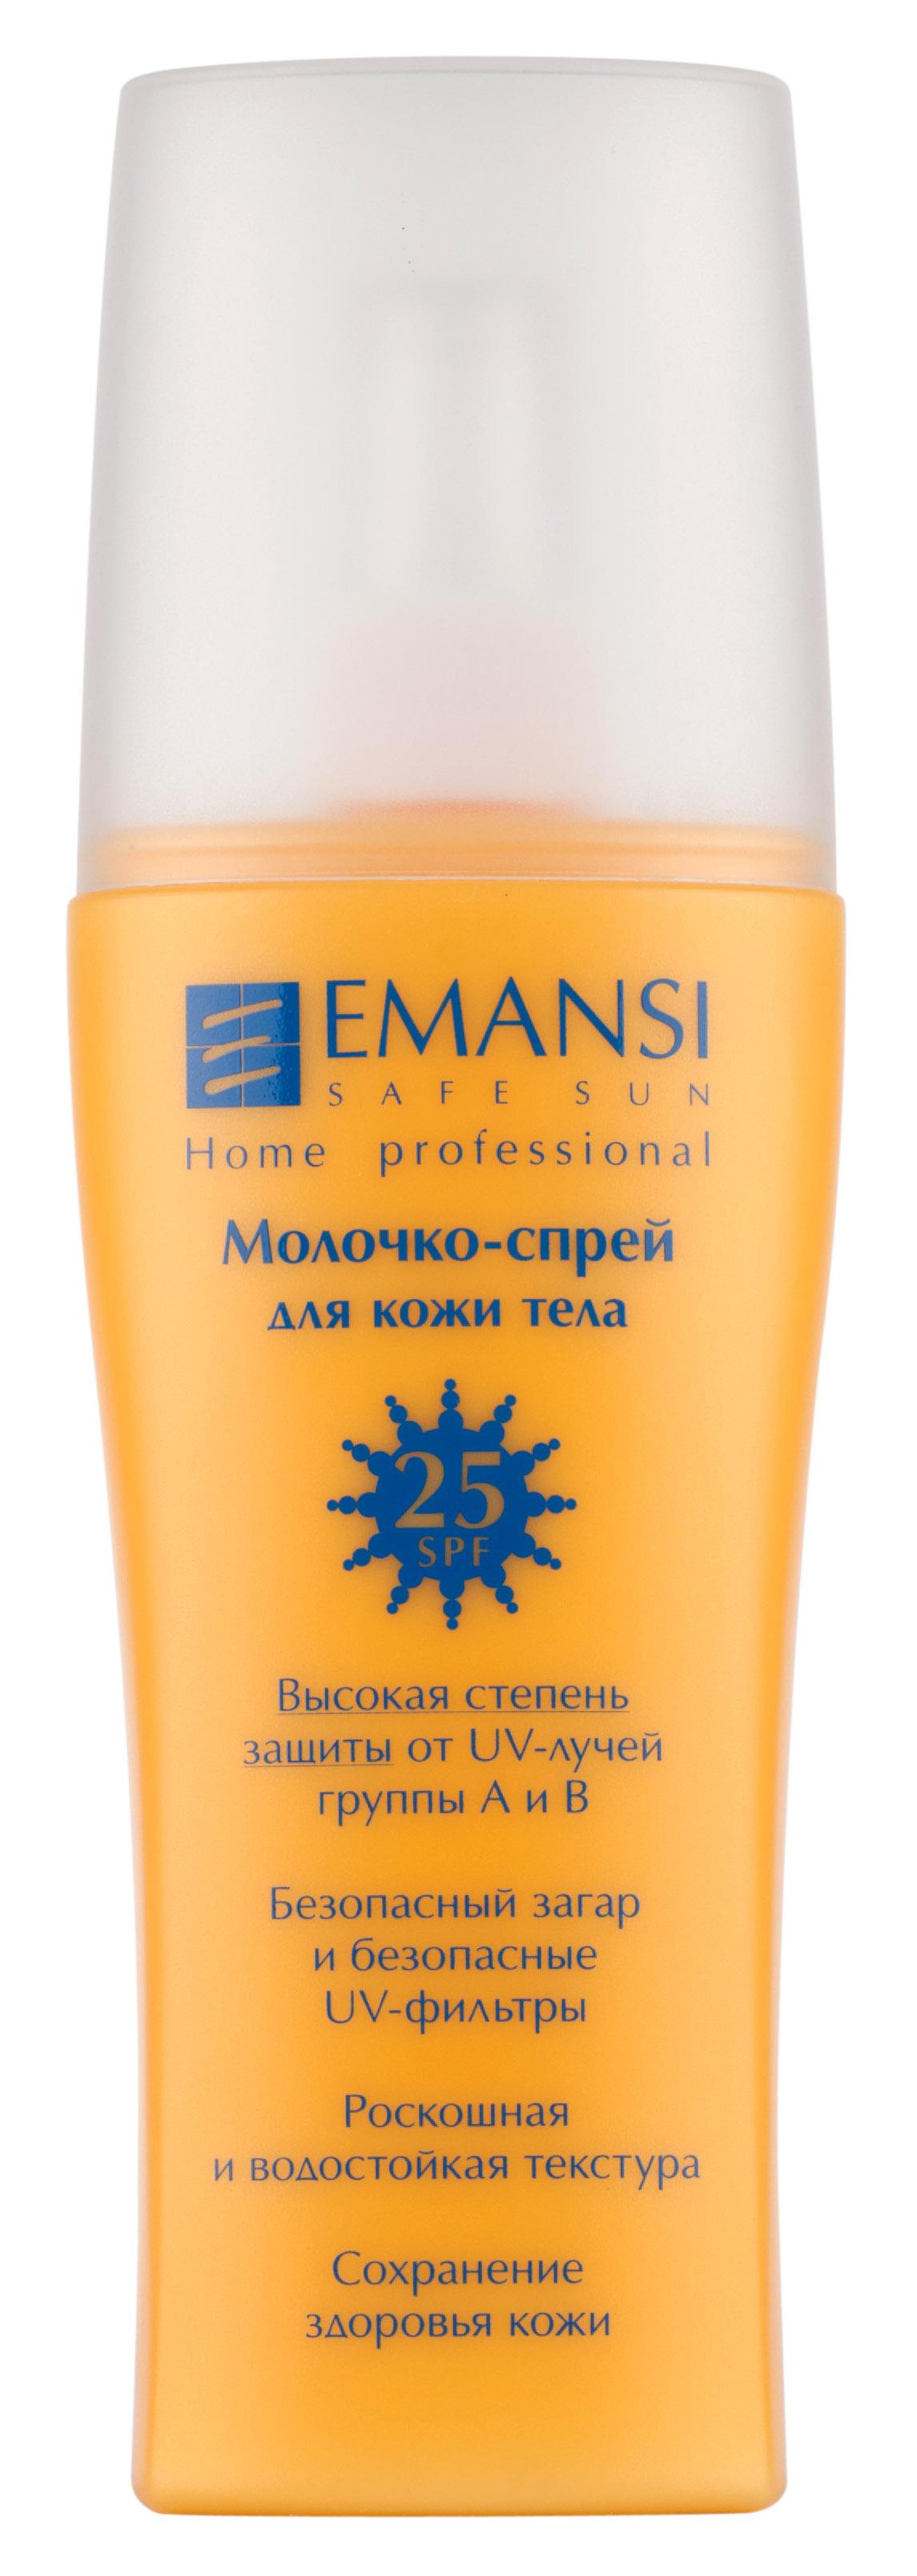 Emansi Молочко-спрей для кожи тела Safe sun SPF 25, 150 млFS-54102- Высокая степень защиты от UV-лучей группы А и В- Безопасный загар и безопасные UV-фильтры- Роскошная и водостойкая текстура- Сохранение здоровья кожи - Защищает от UV-лучей группы А и В благодаря включению безопасных UV-фильтров- Устойчиво к действию воды и пота- Подходит для любой, в том числе и чувствительной кожи